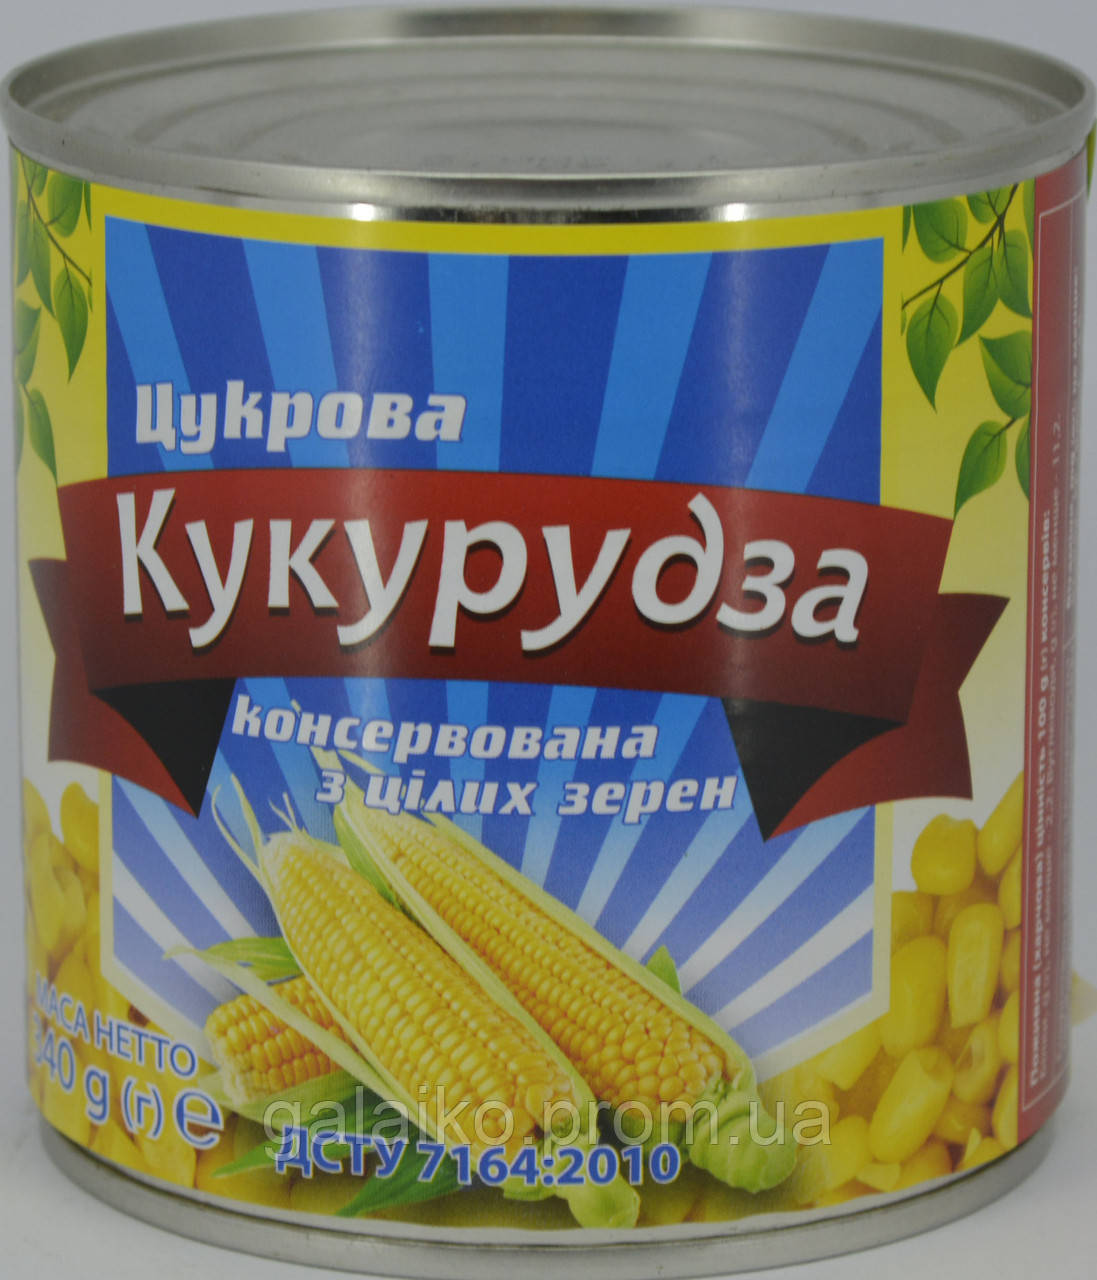 Кукуруза сахарная БТМ ж/б 340г (12)